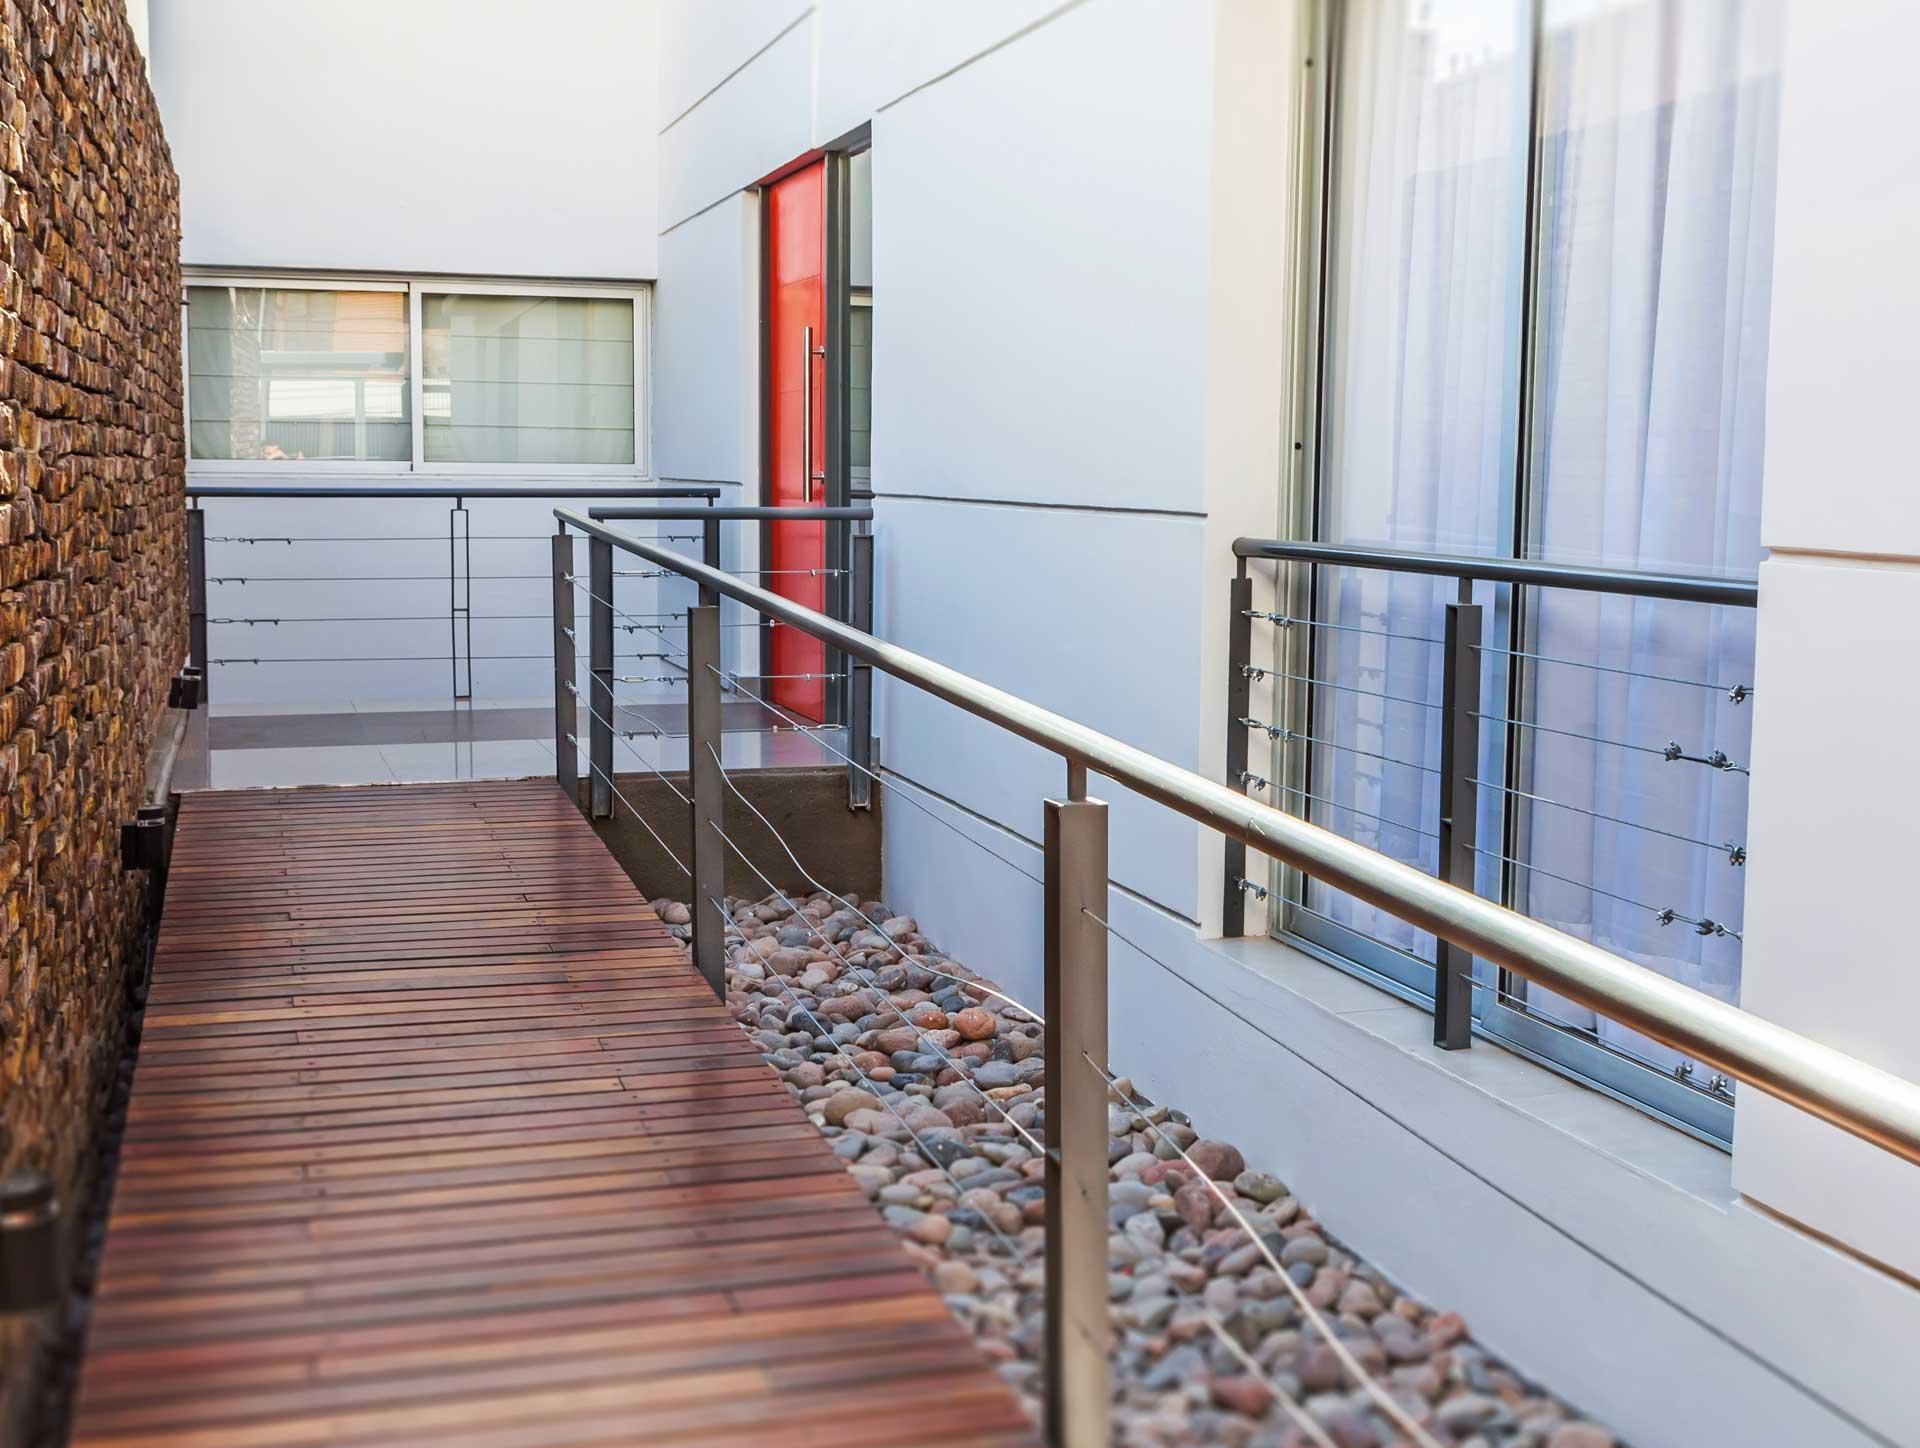 Balcones de los andes pleno desarrollos for Balcones minimalistas fotos